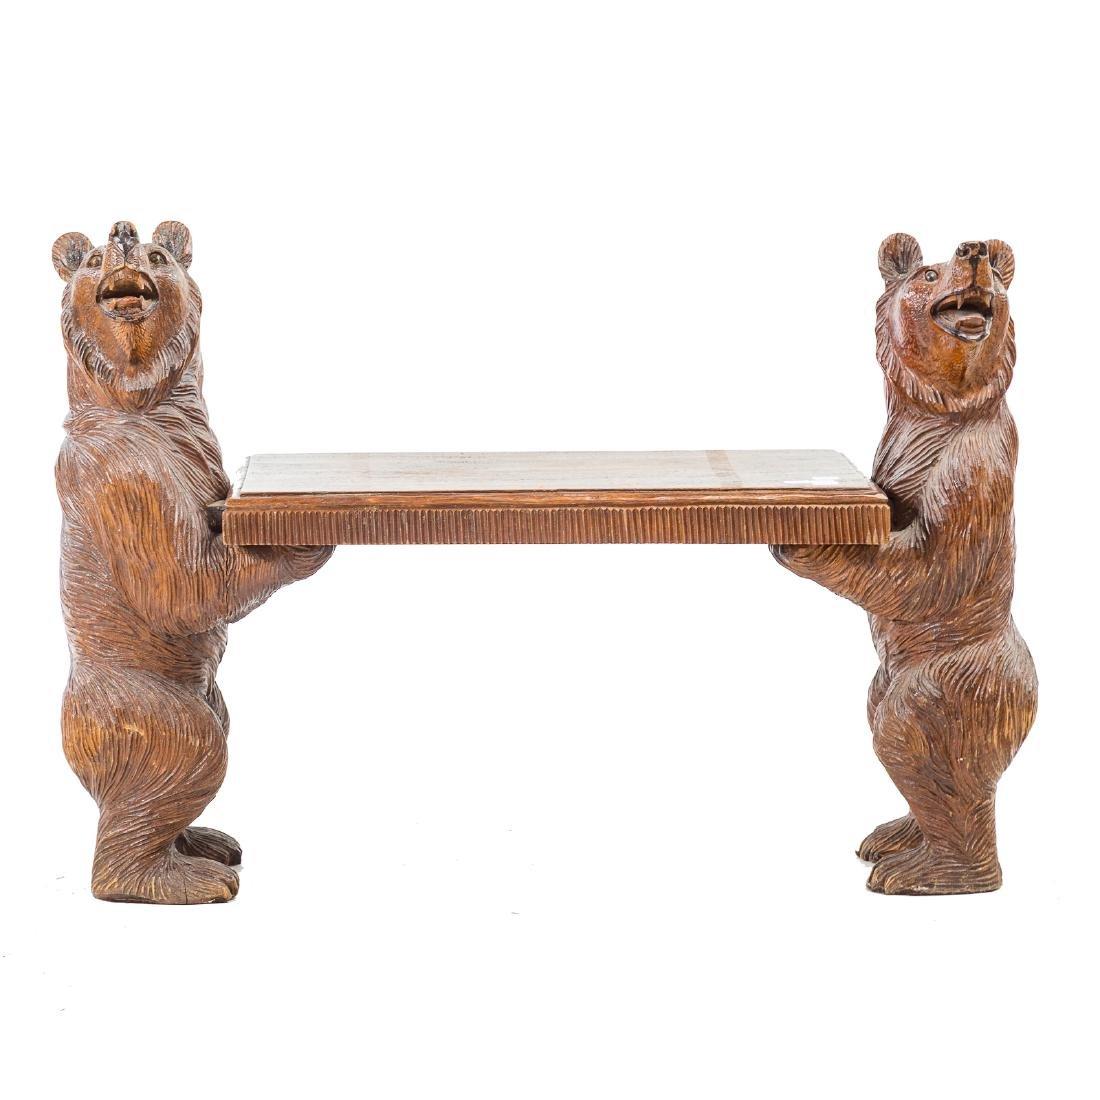 Black Forest carved wood bench - 2